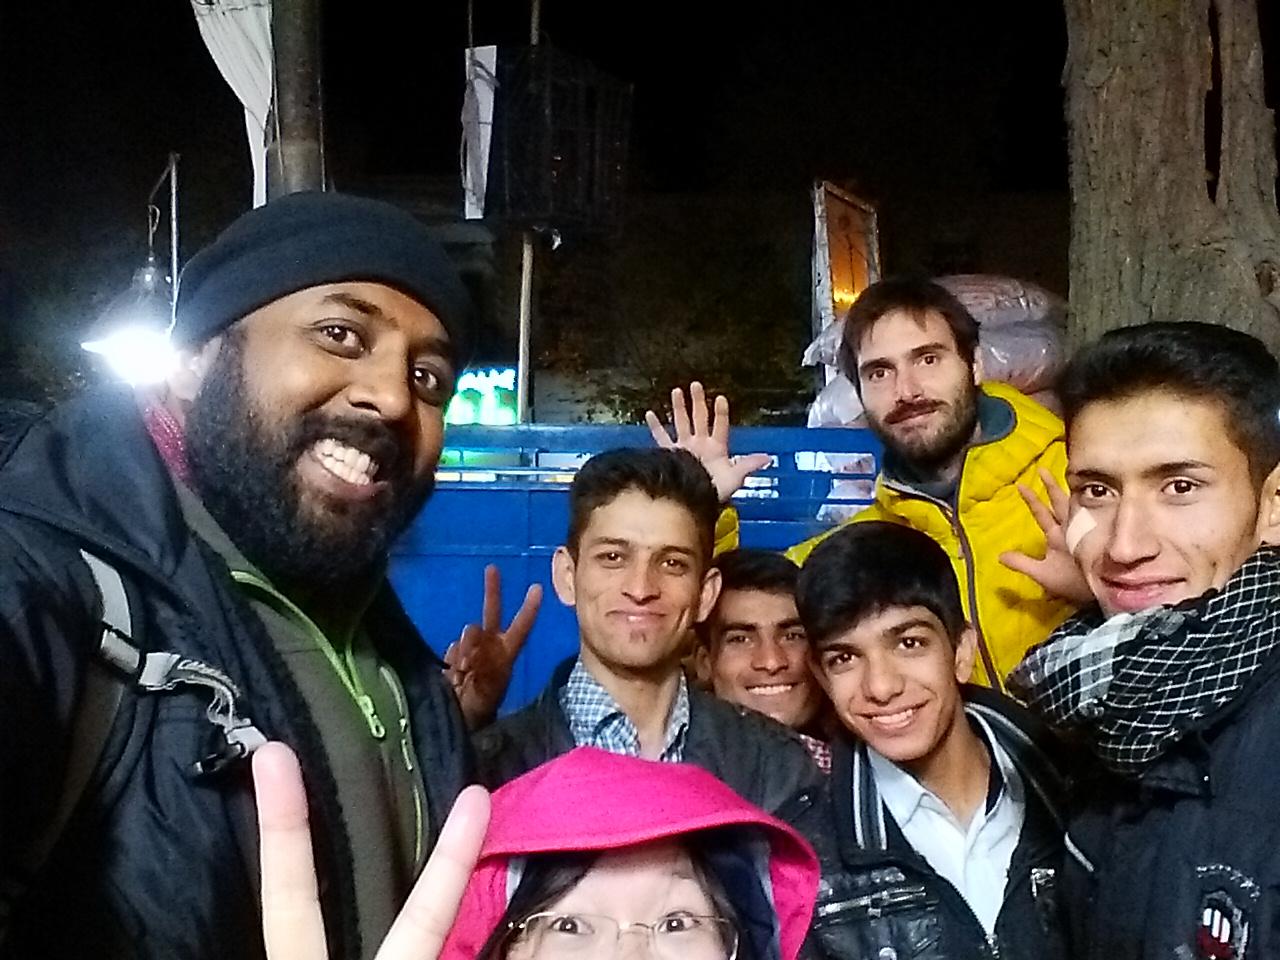 Making new friends in Iran